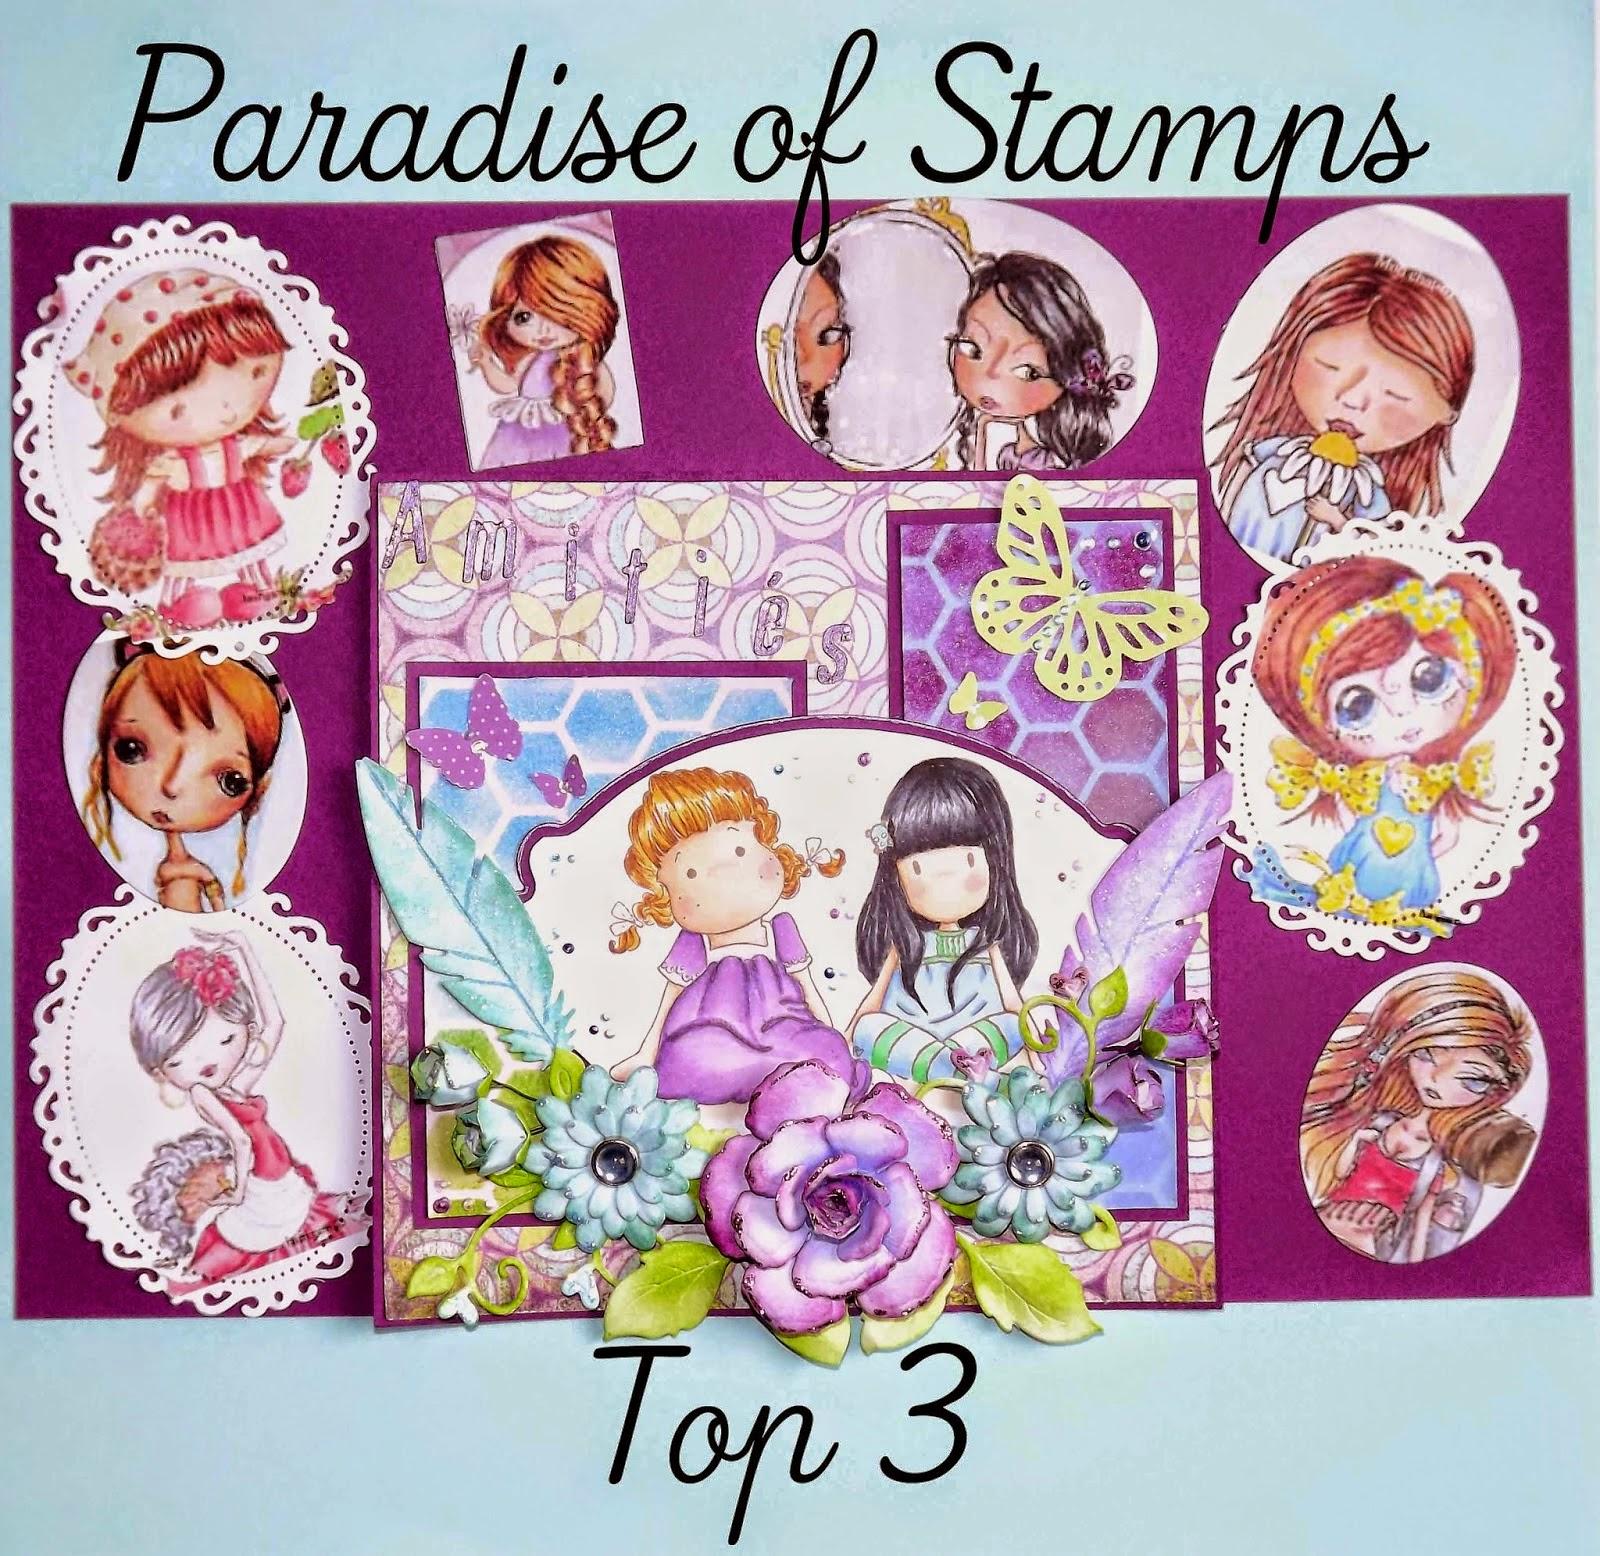 Top 3 Challenges 9, 10, 11